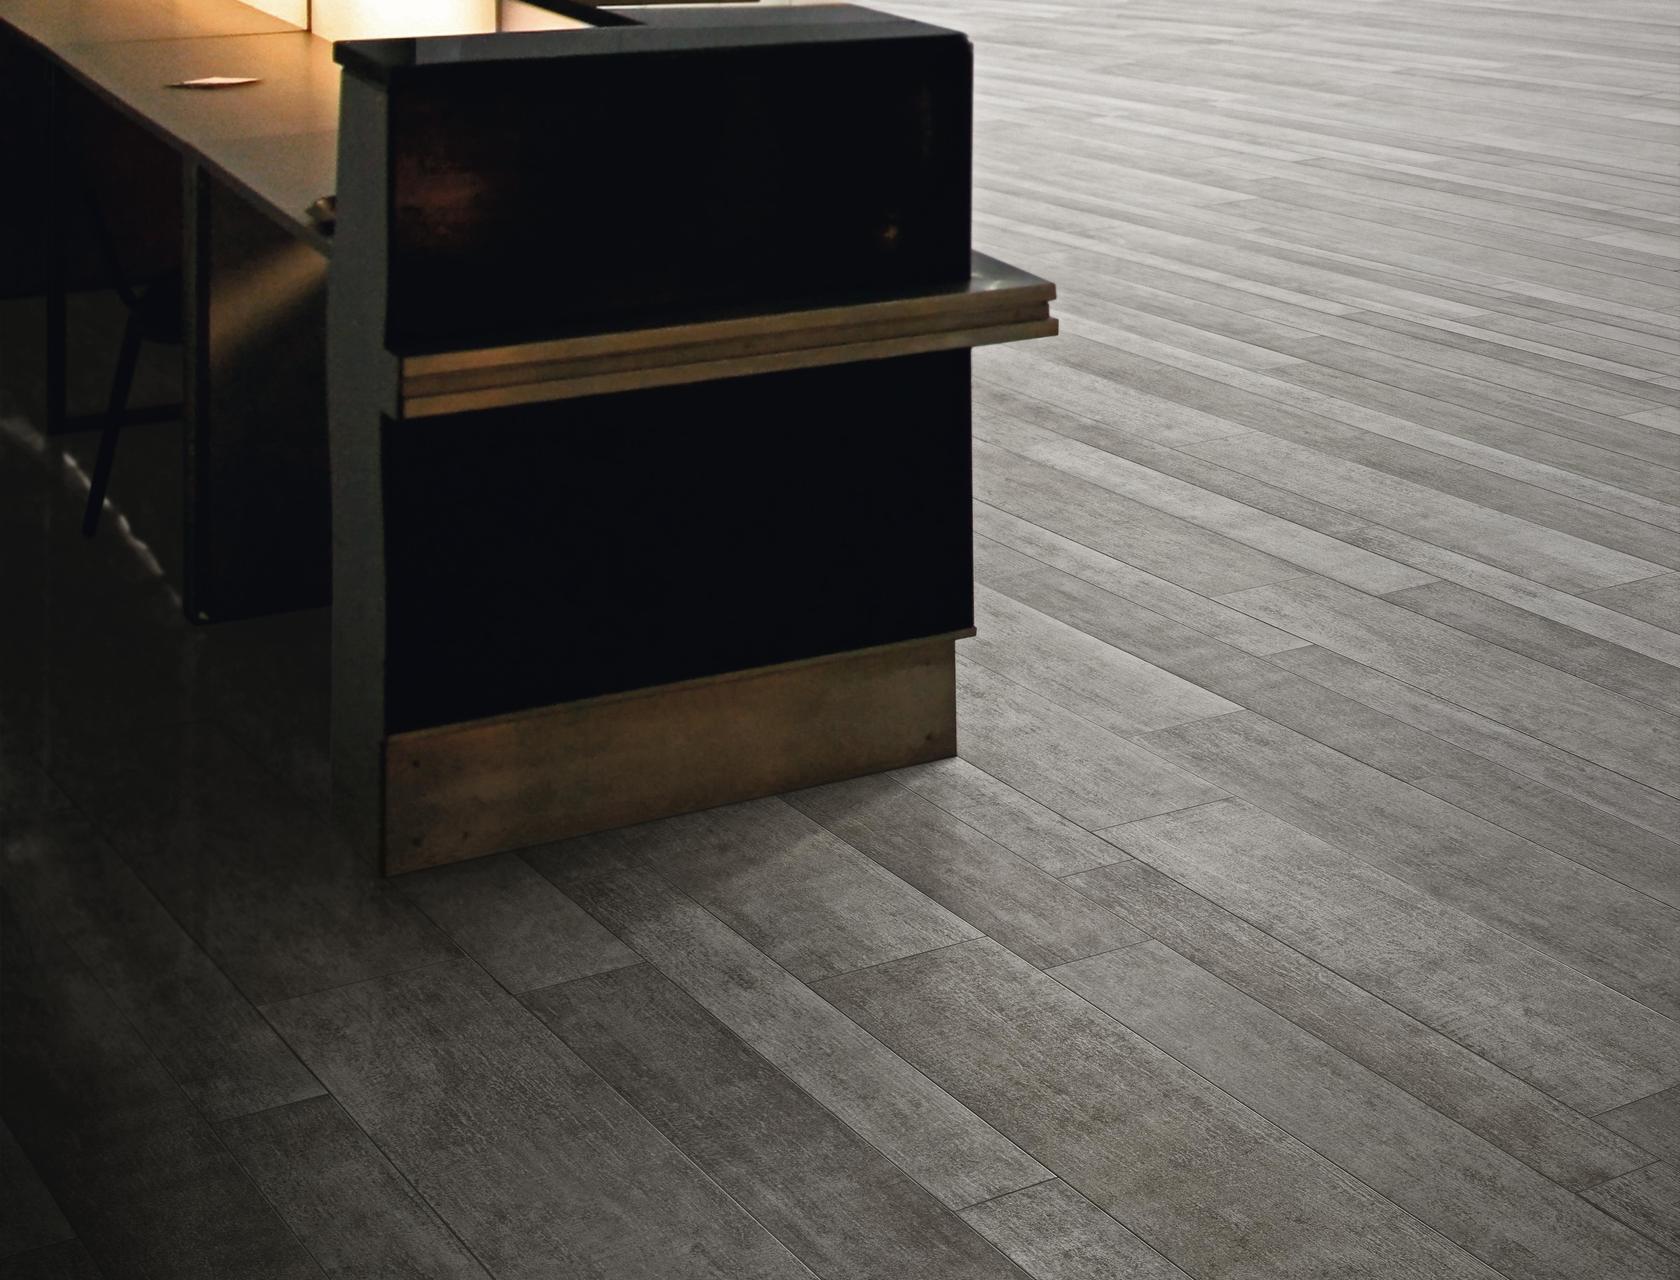 Piastrelle Effetto Legno Grigio : Pavimento per esterni effetto legno rovere grigio